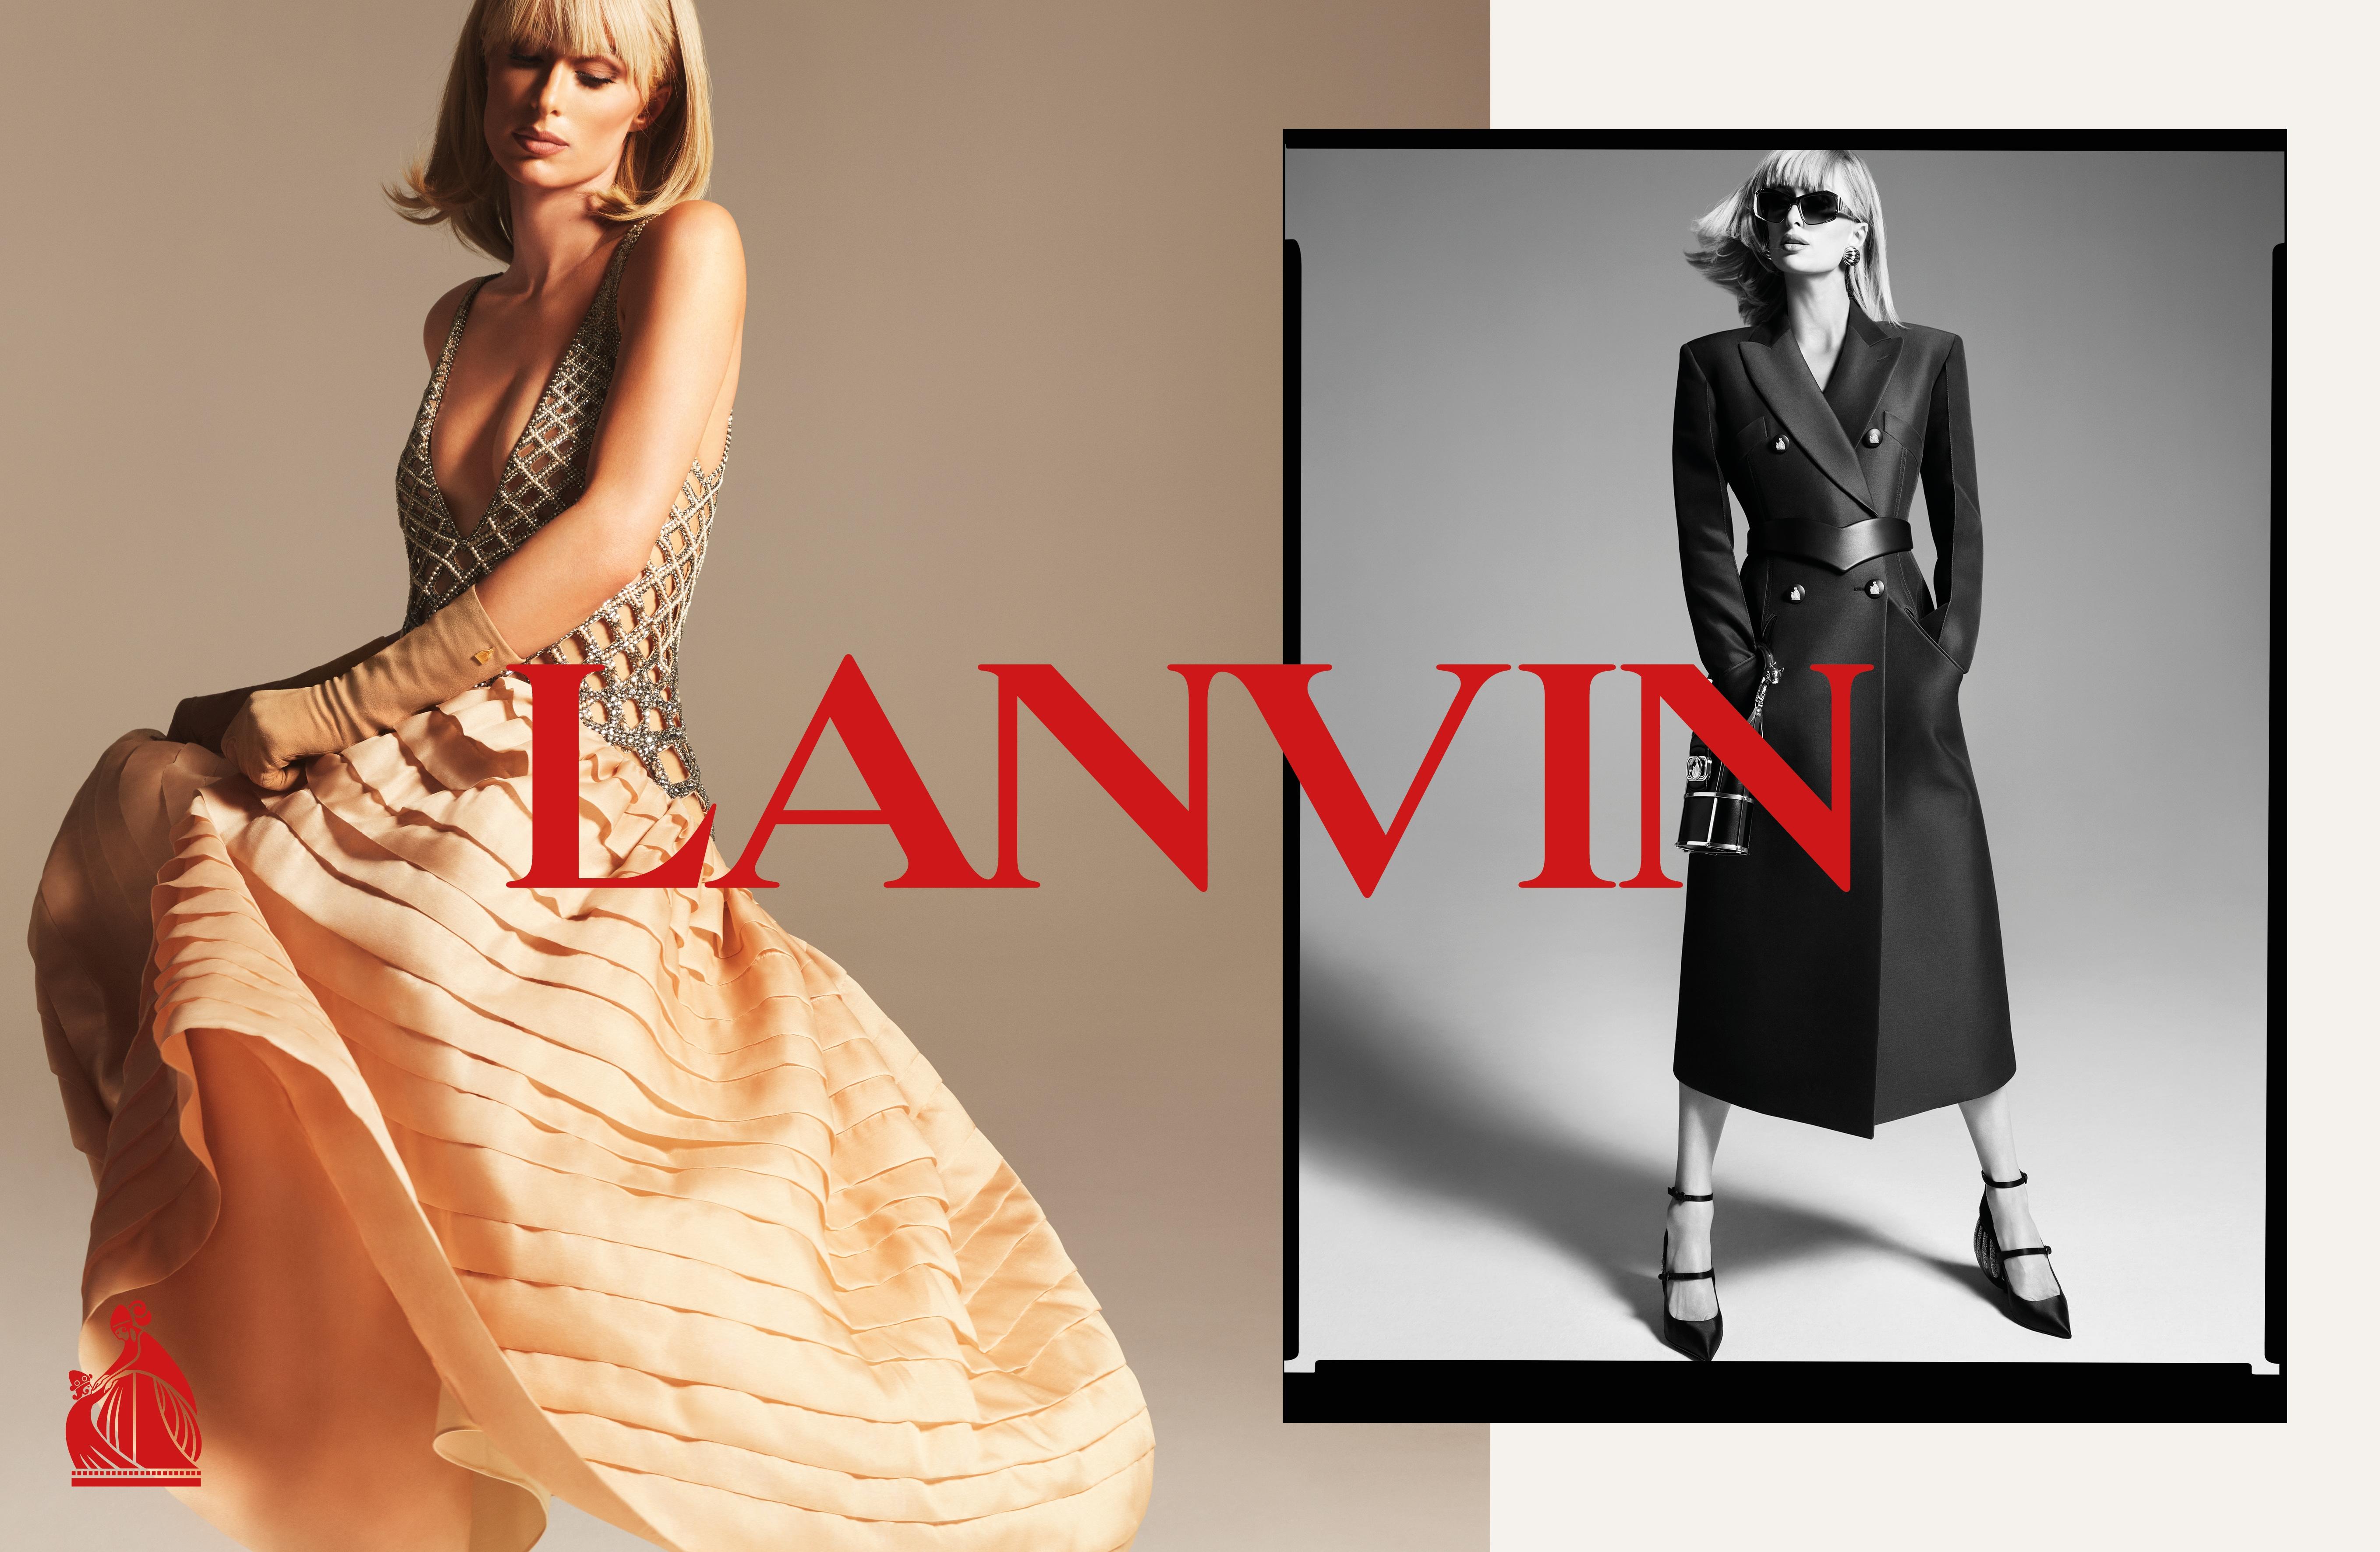 """Paris Hilton, en """"robe de style"""" et en manteau ceinturé, pour la campagne printemps-été 2021 de Lanvin, photographiée par Mert & Marcus"""